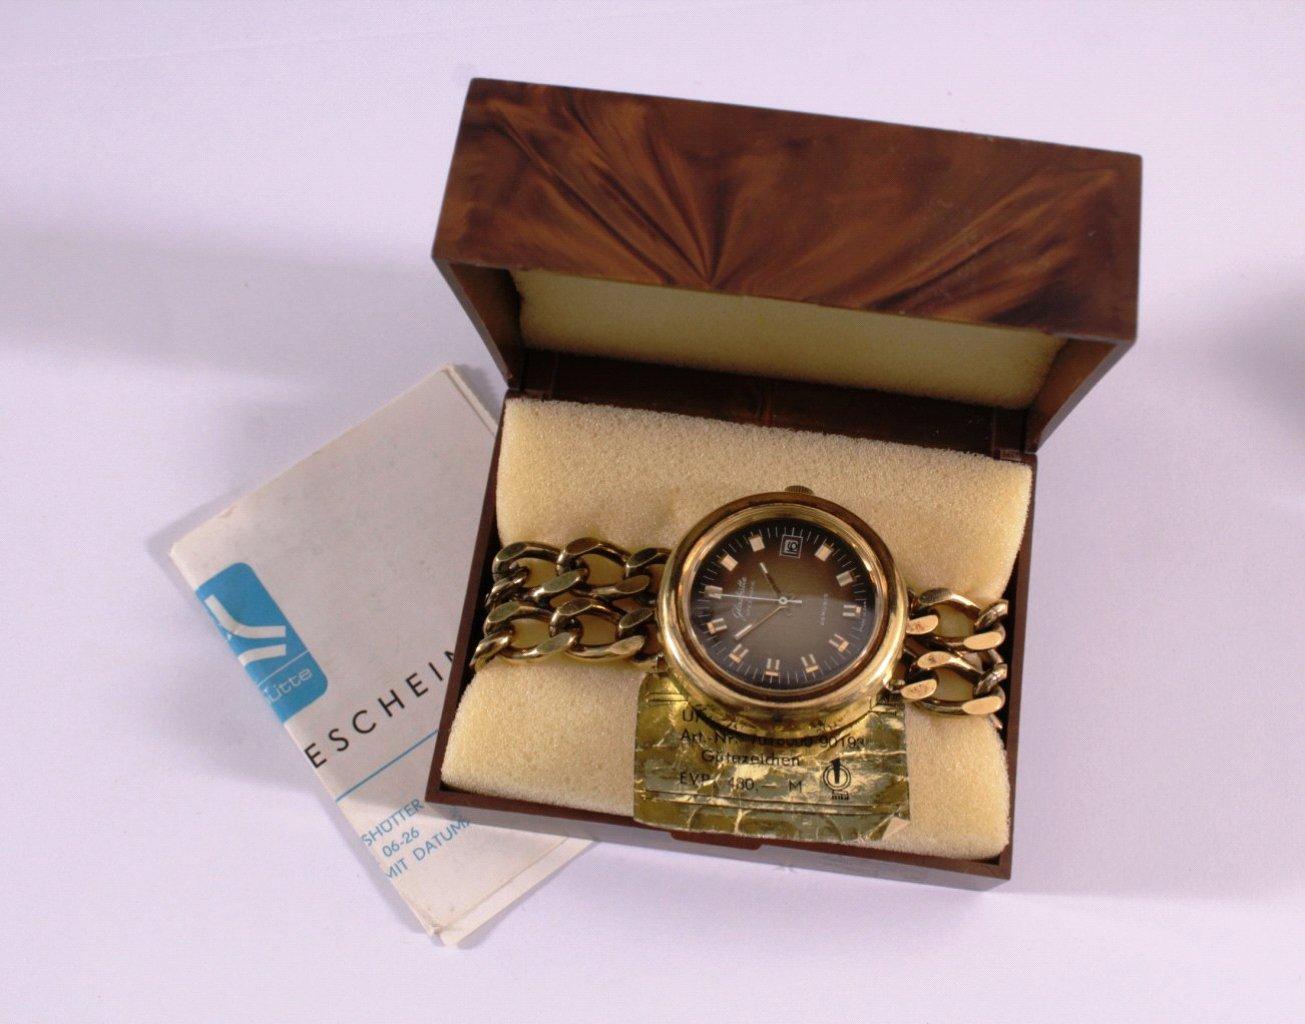 Glashütte Armbanduhr aus den 70er Jahren, Vintage-4